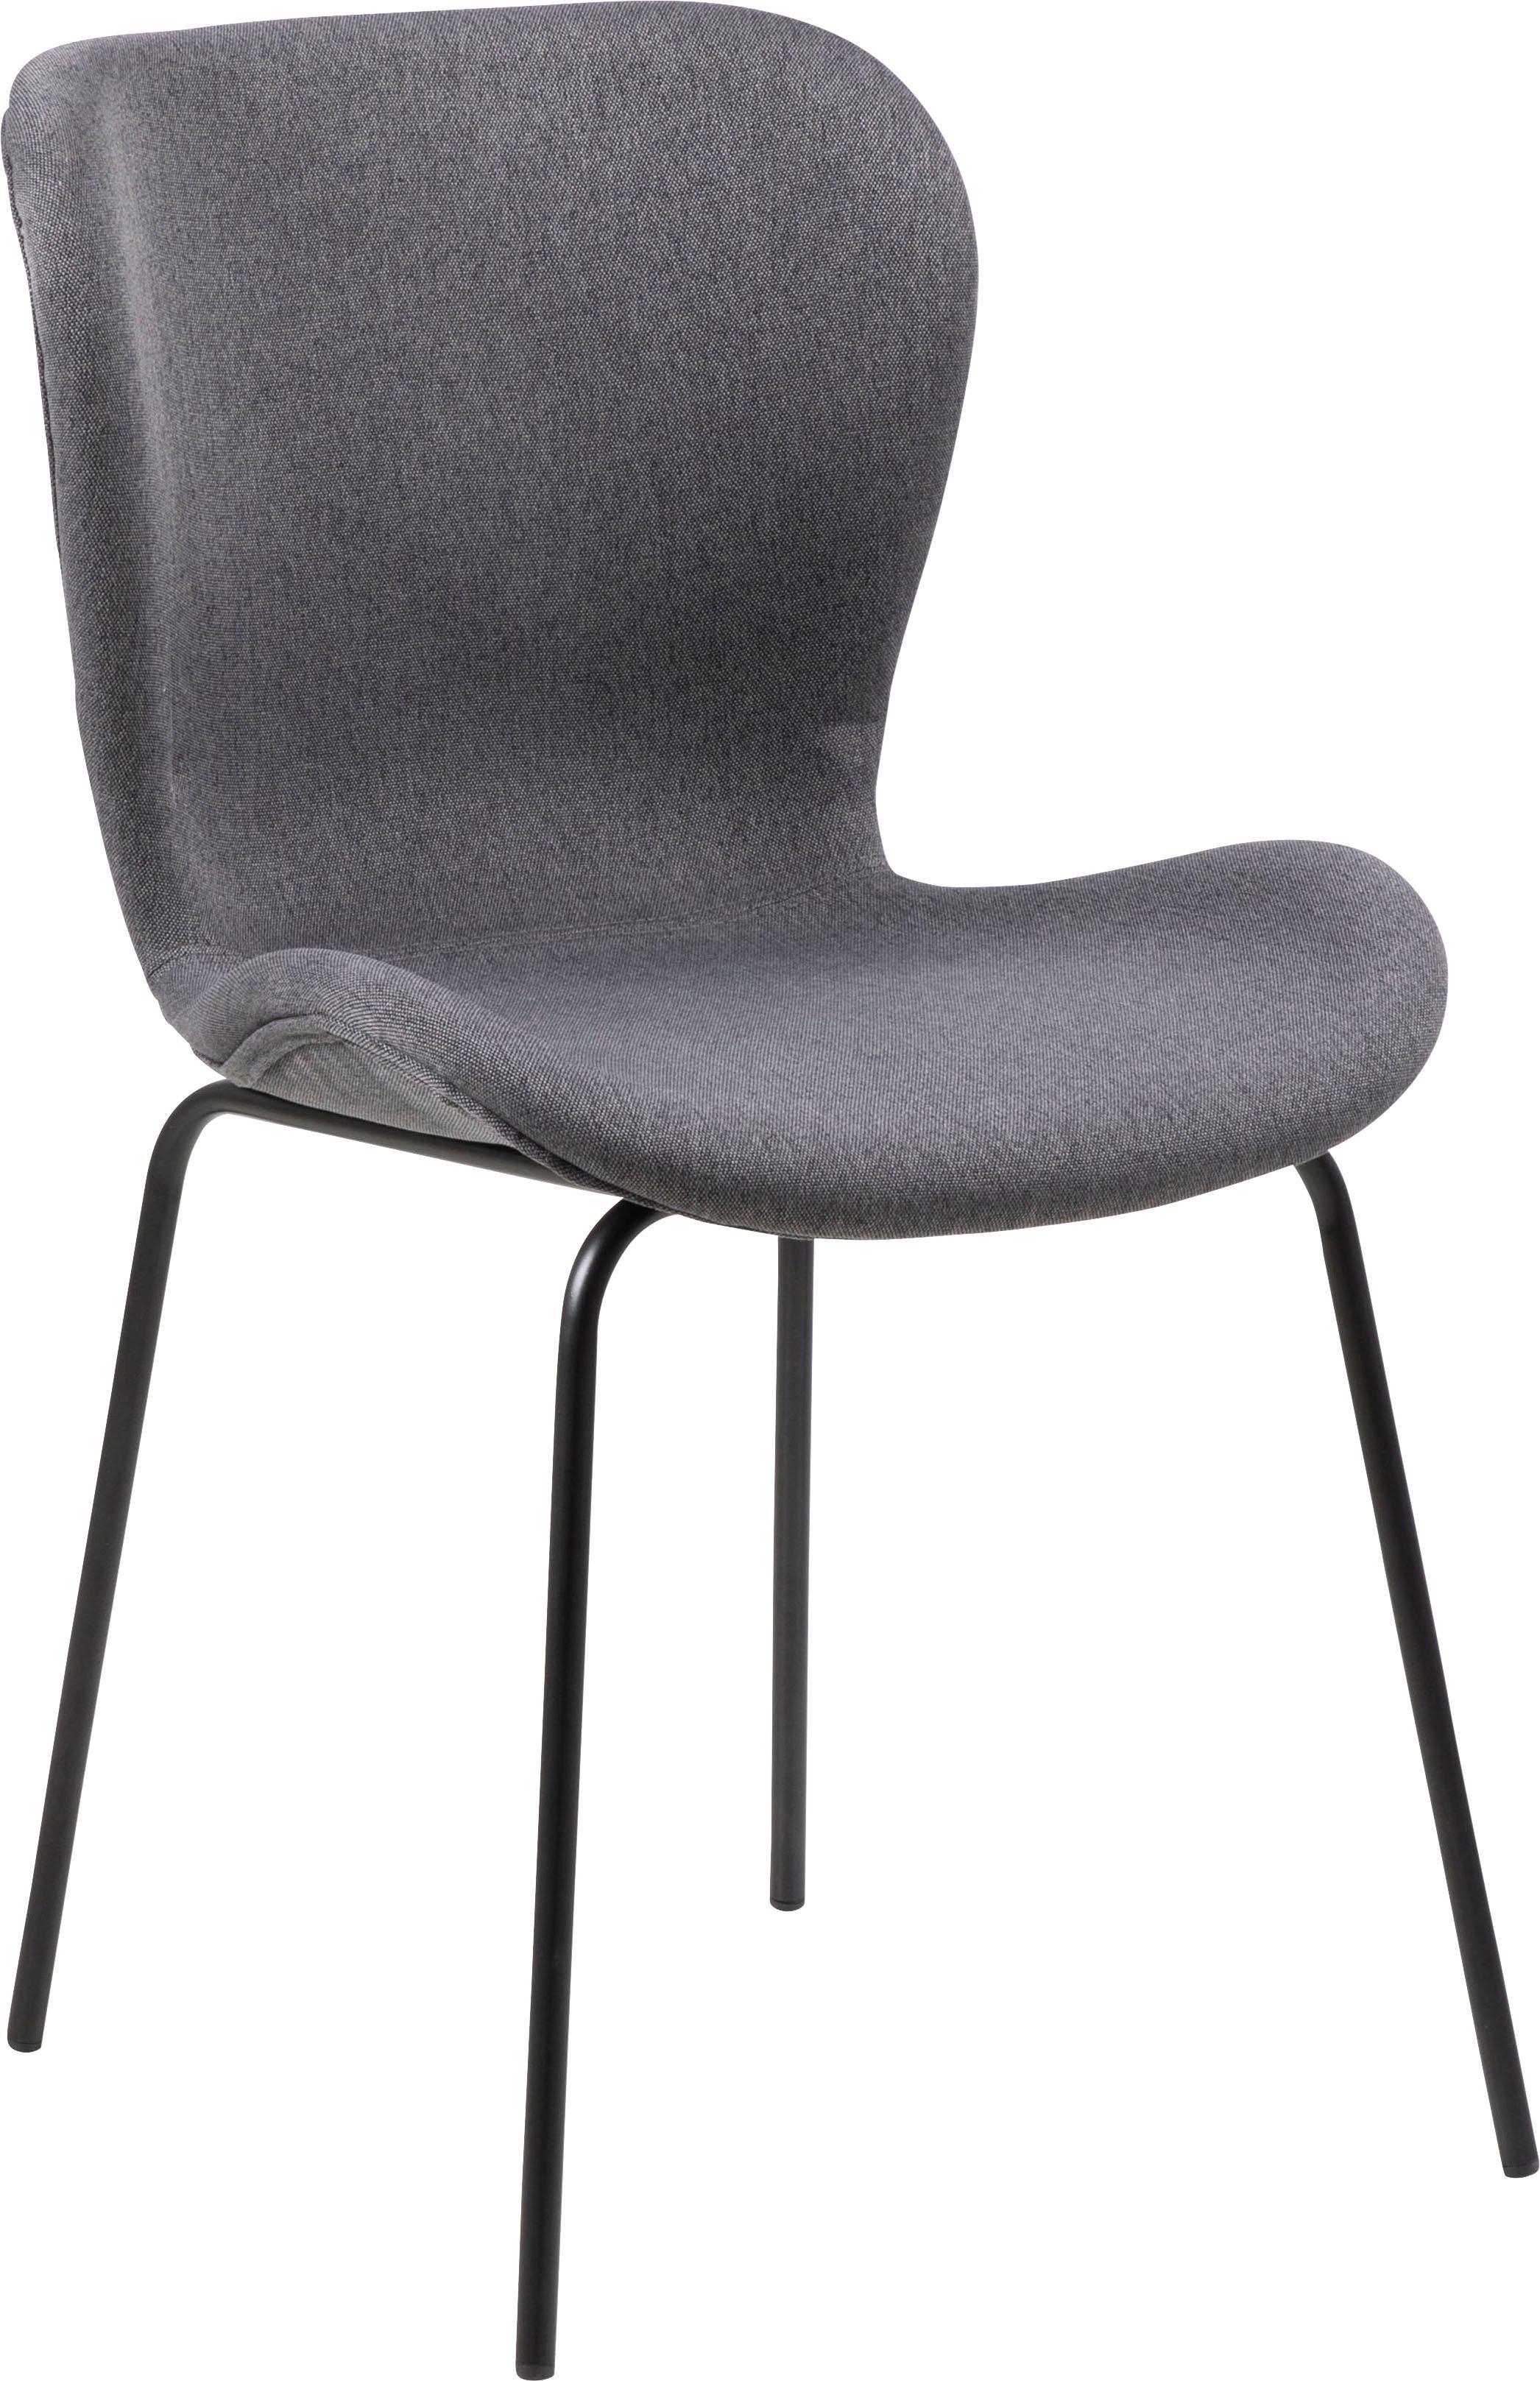 andas Esszimmerstuhl »Britta« 2er Set, mit einem pflegeleichten Webstoff Bezug, schwarzen Metallbeinen, Sitzhöhe 47 cm online kaufen | OTTO